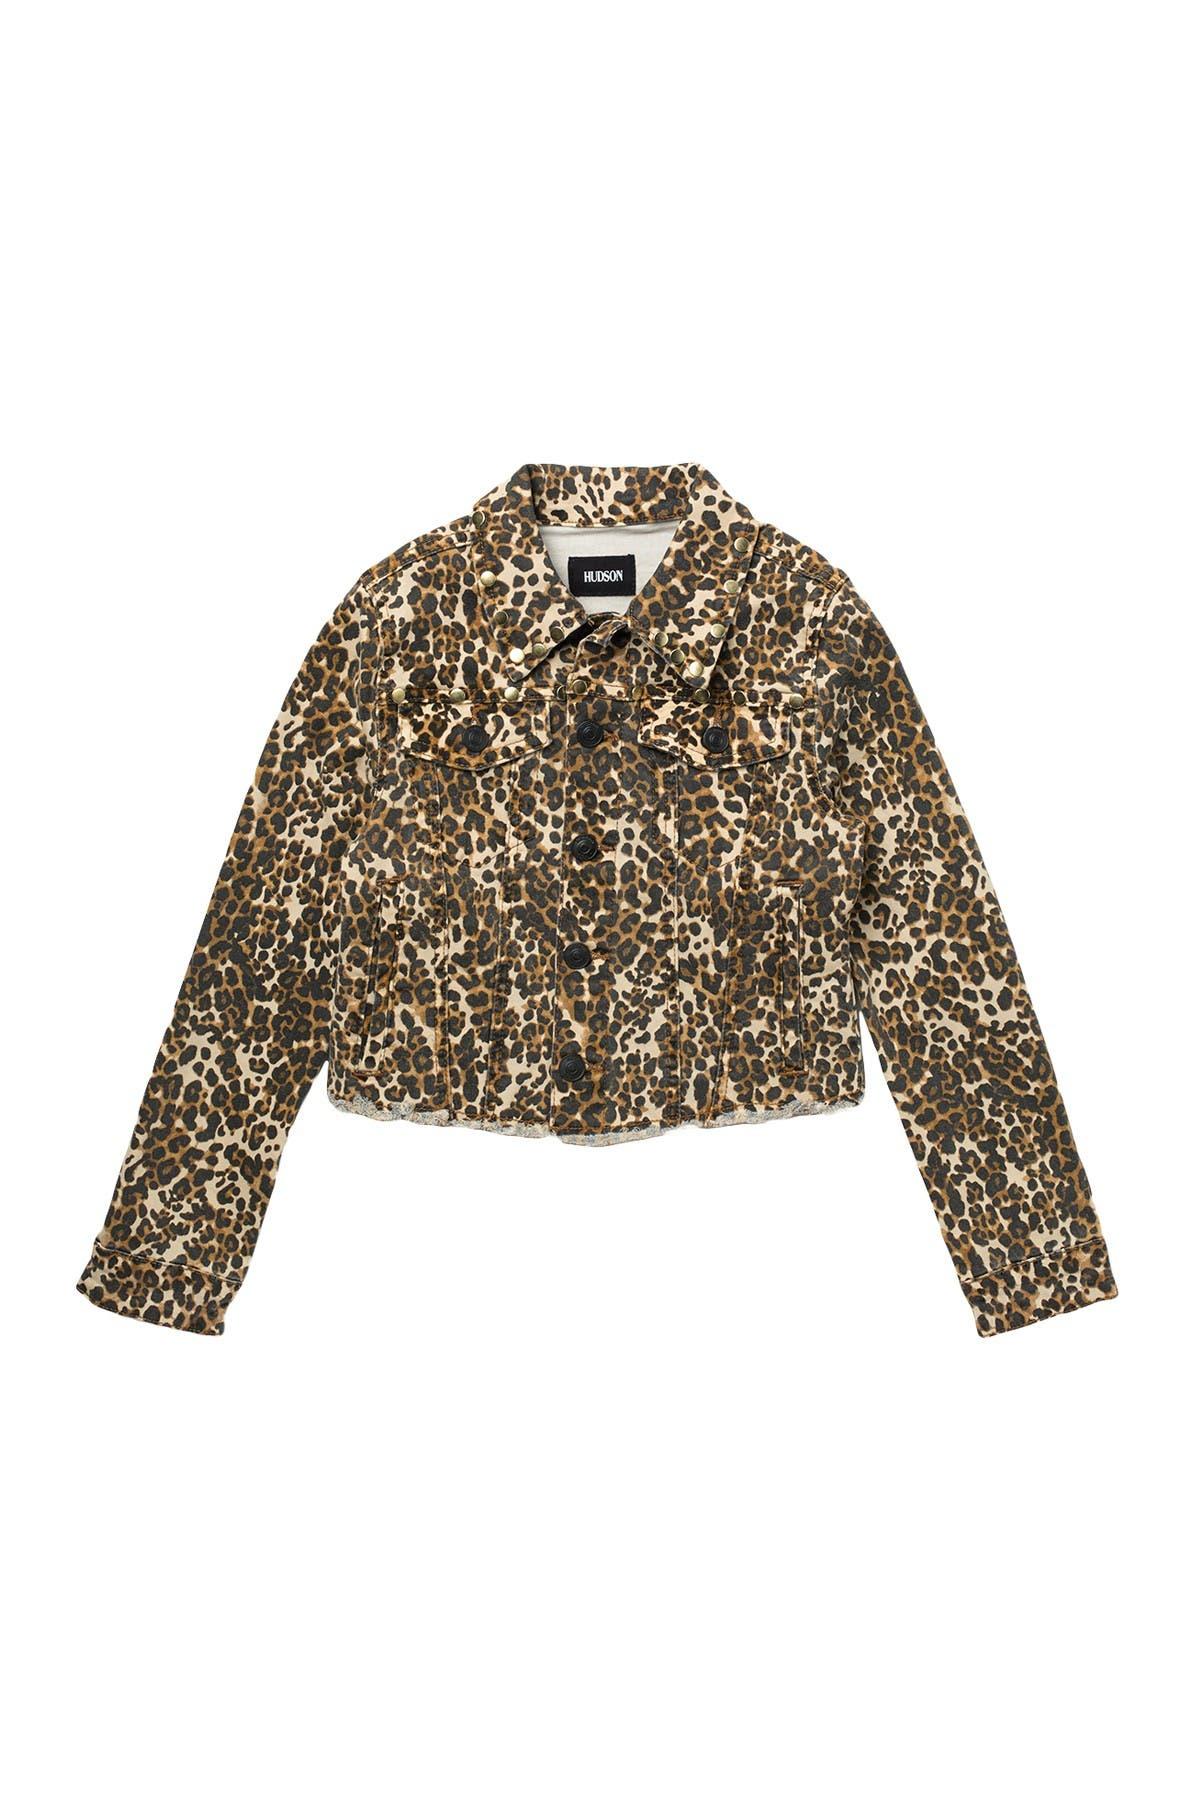 Image of HUDSON Jeans Jungle Jacket